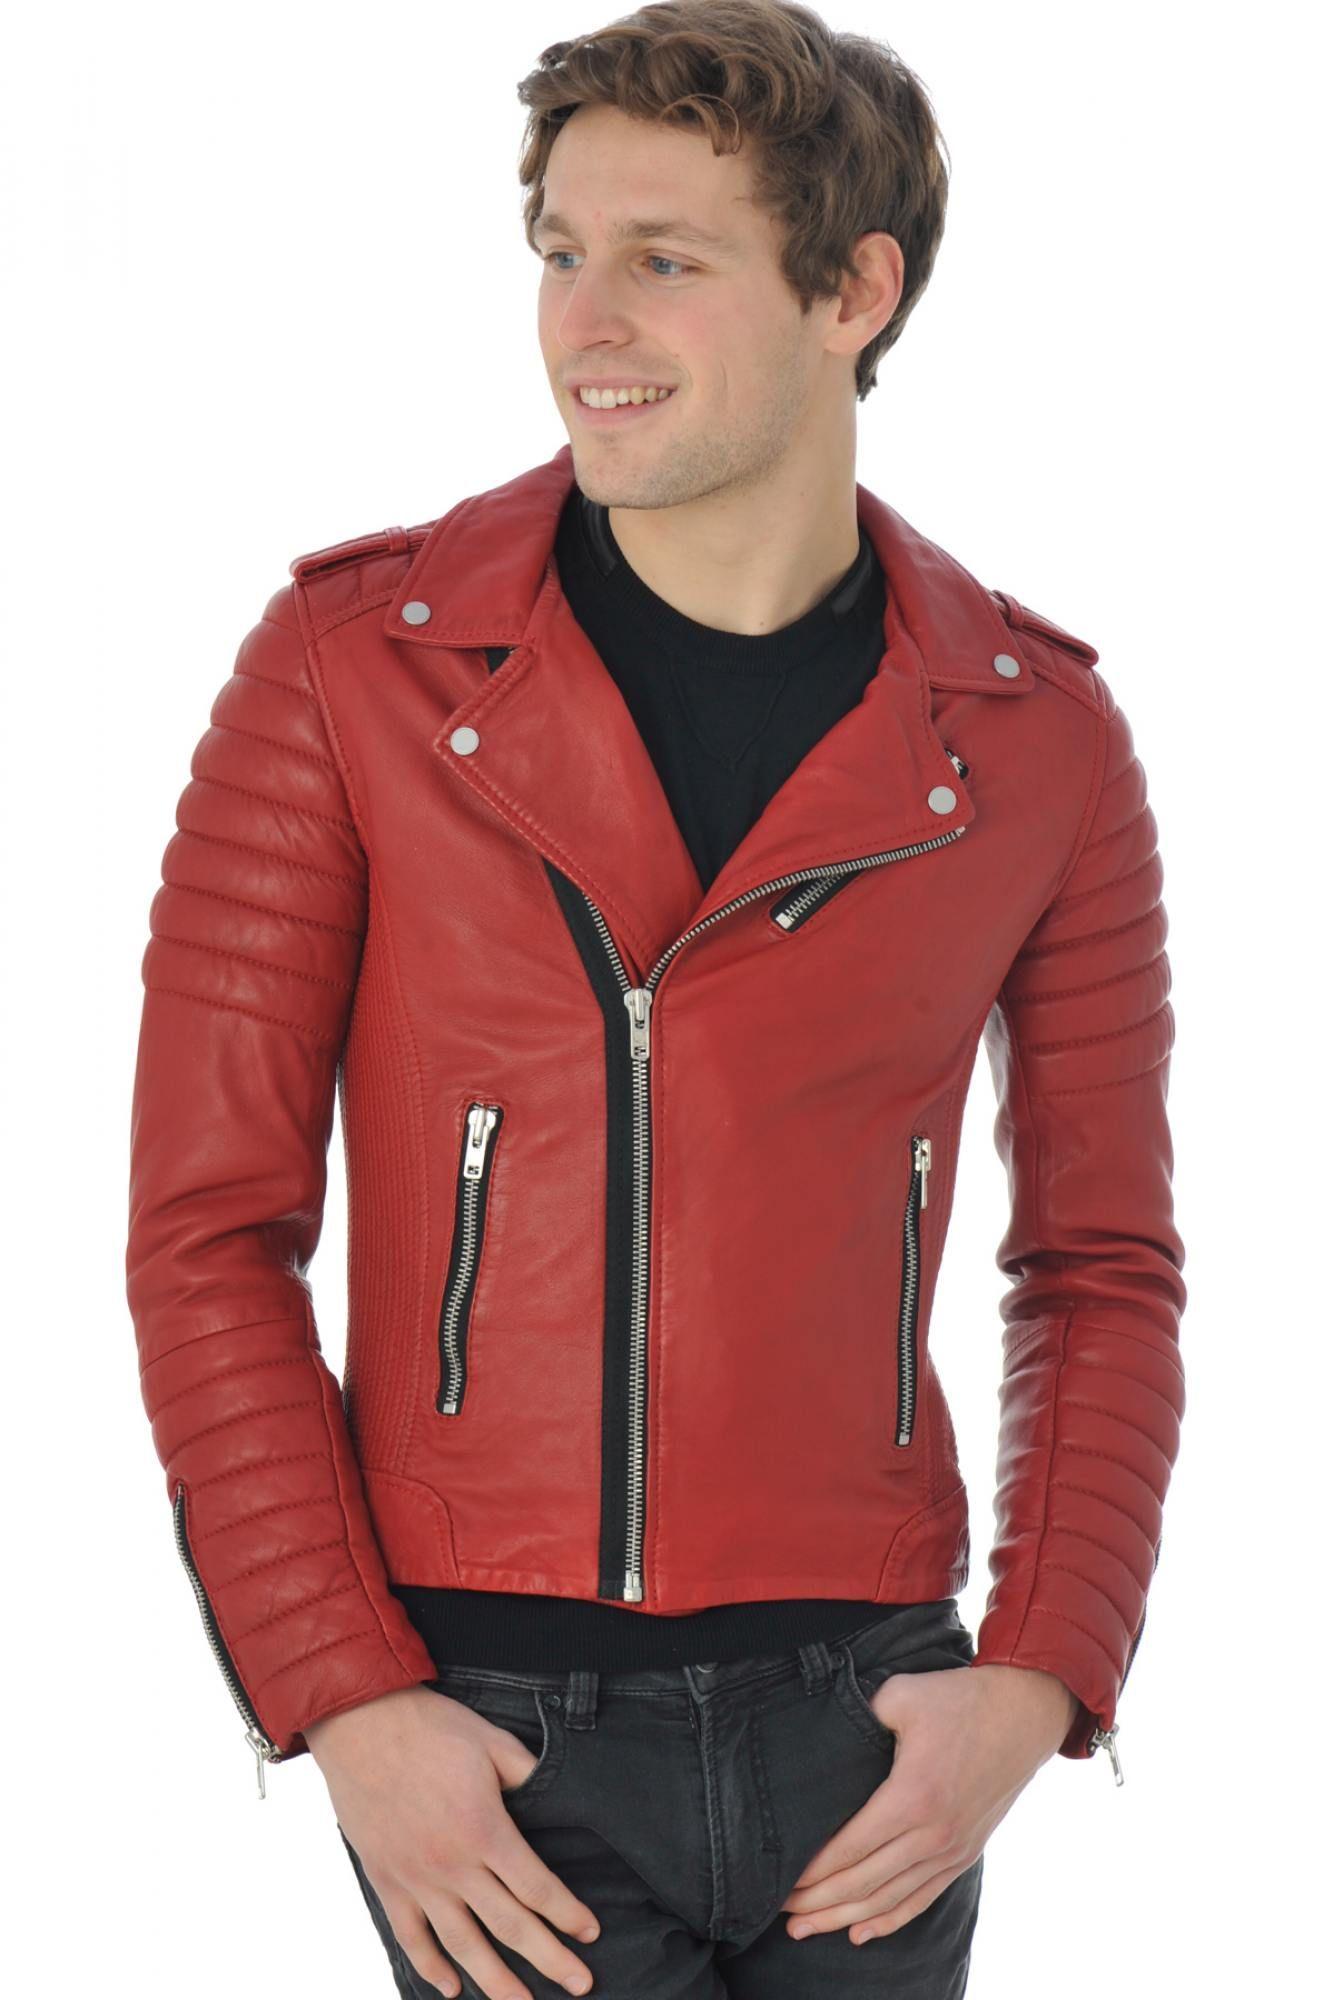 Hipster S m Homme Pariente xl Serge l En Blouson Disponible Rouge fxB1w